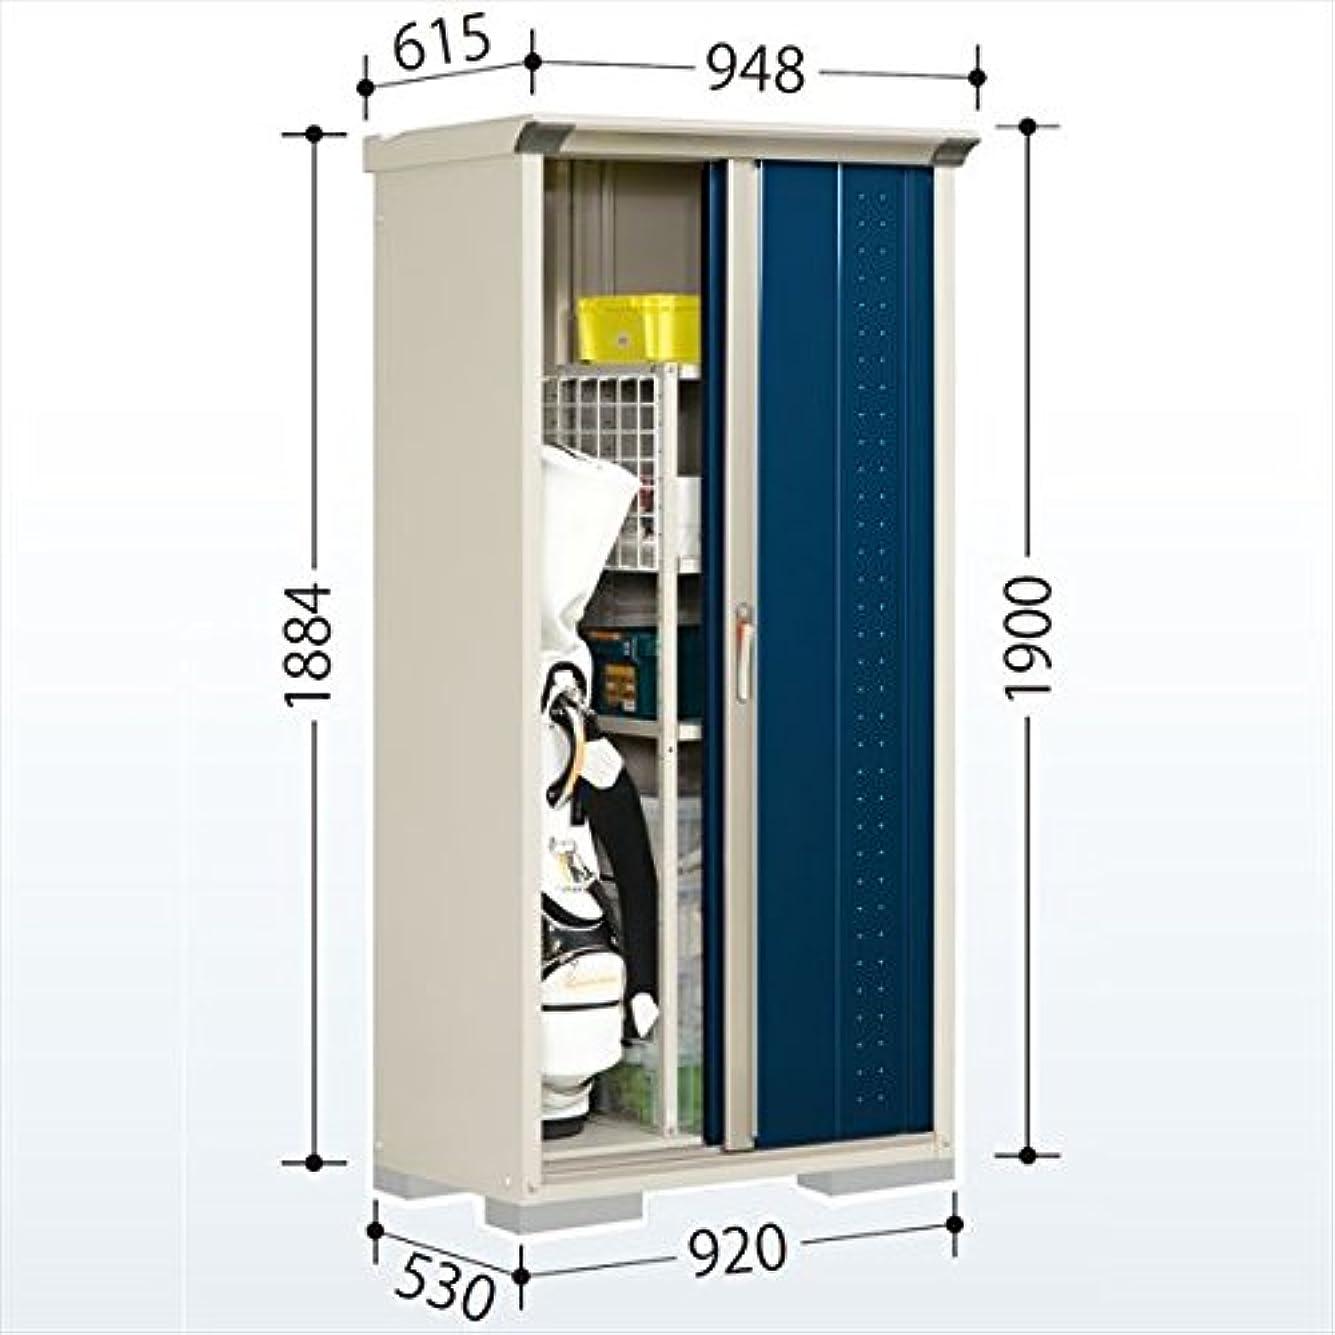 上下するベテラン焦げタクボ物置 GP/グランプレステージ ジャンプ GP-95AF 全面棚タイプ 『屋外用 小型物置 DIY向け 収納庫』 ディープブルー